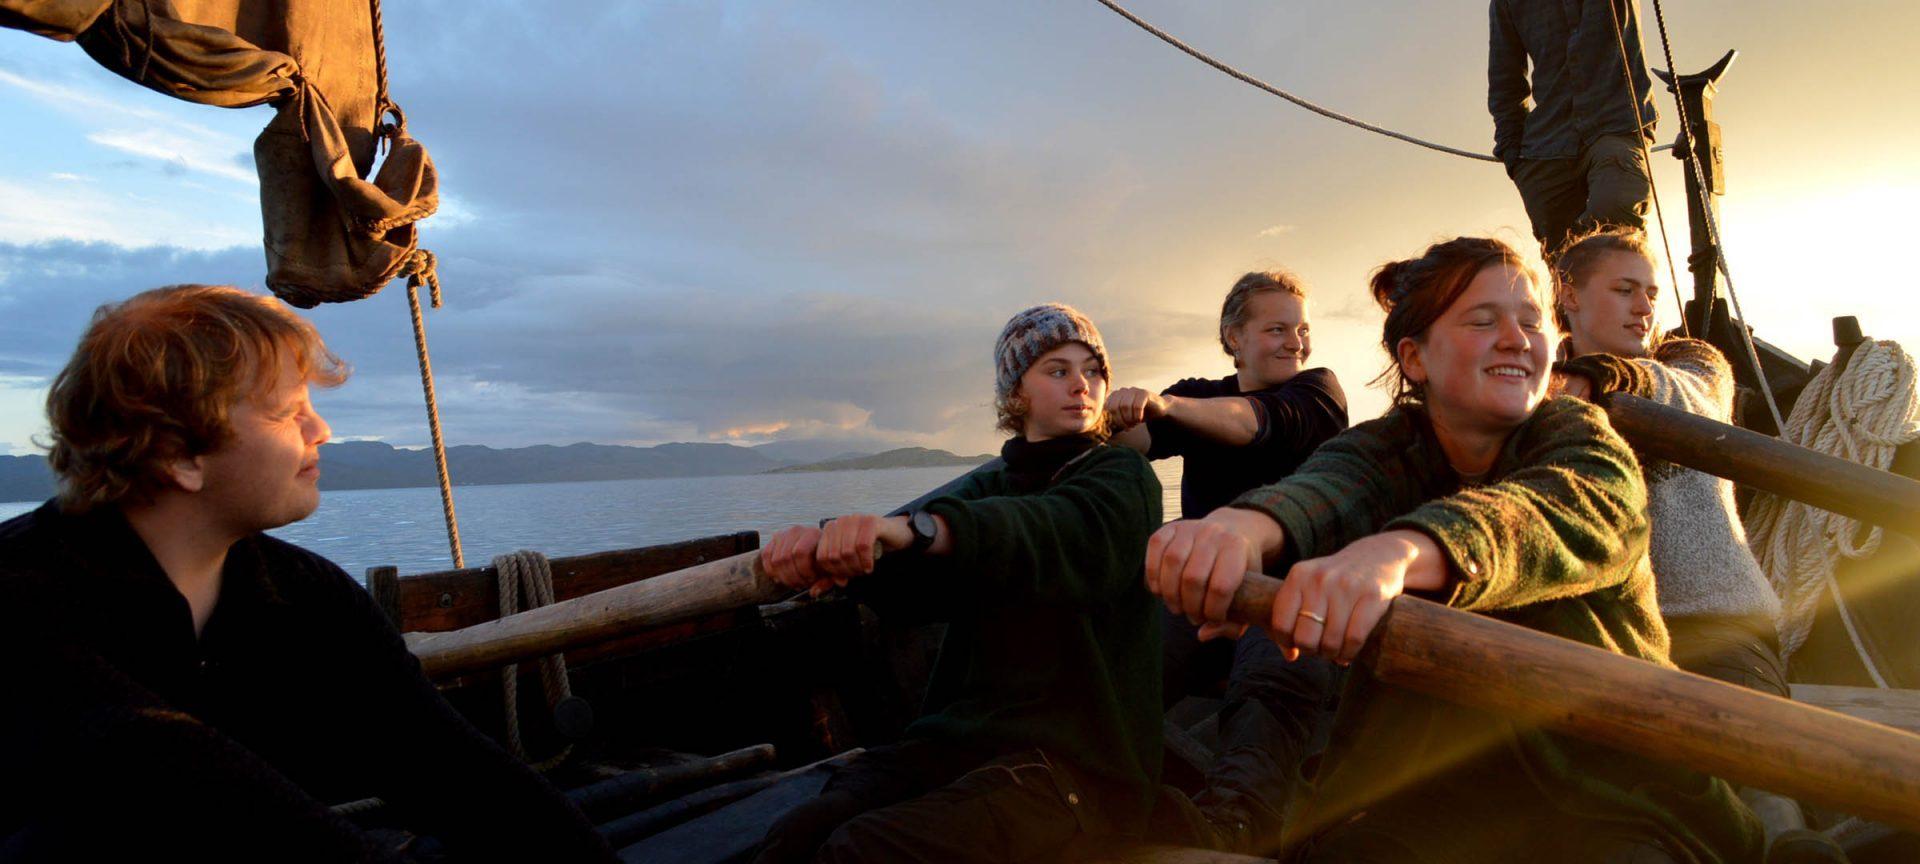 Elever på Fosen Folkehogskole ror en trebat i solnedgangen